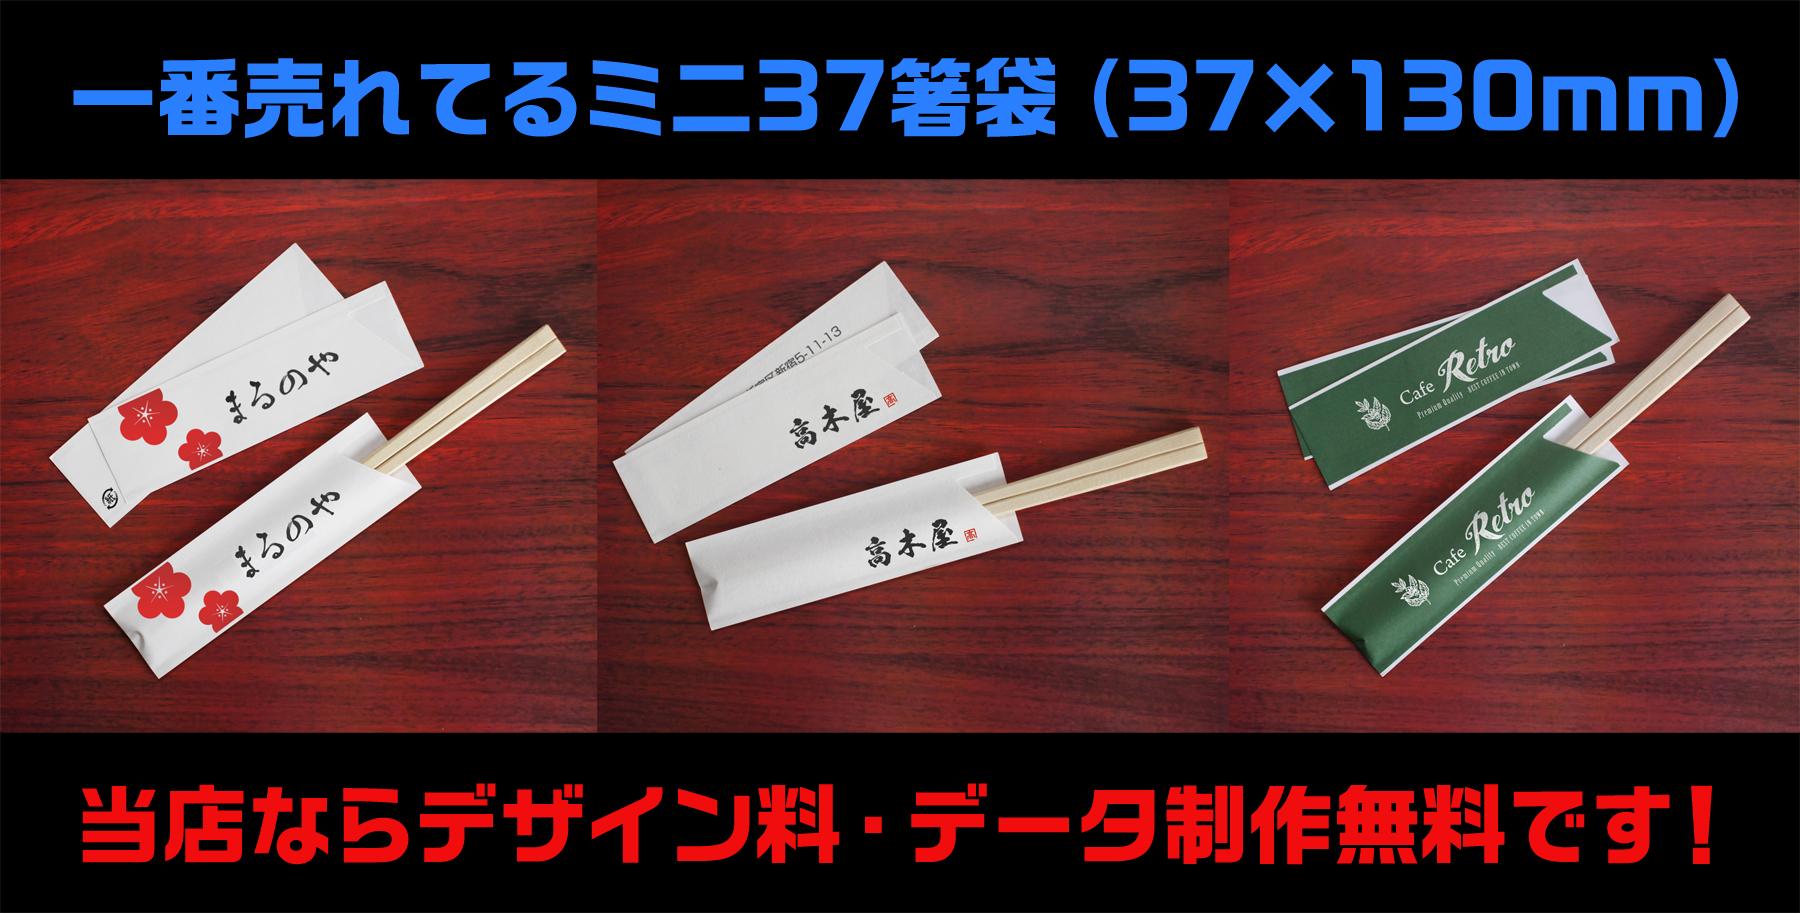 箸袋印刷通販